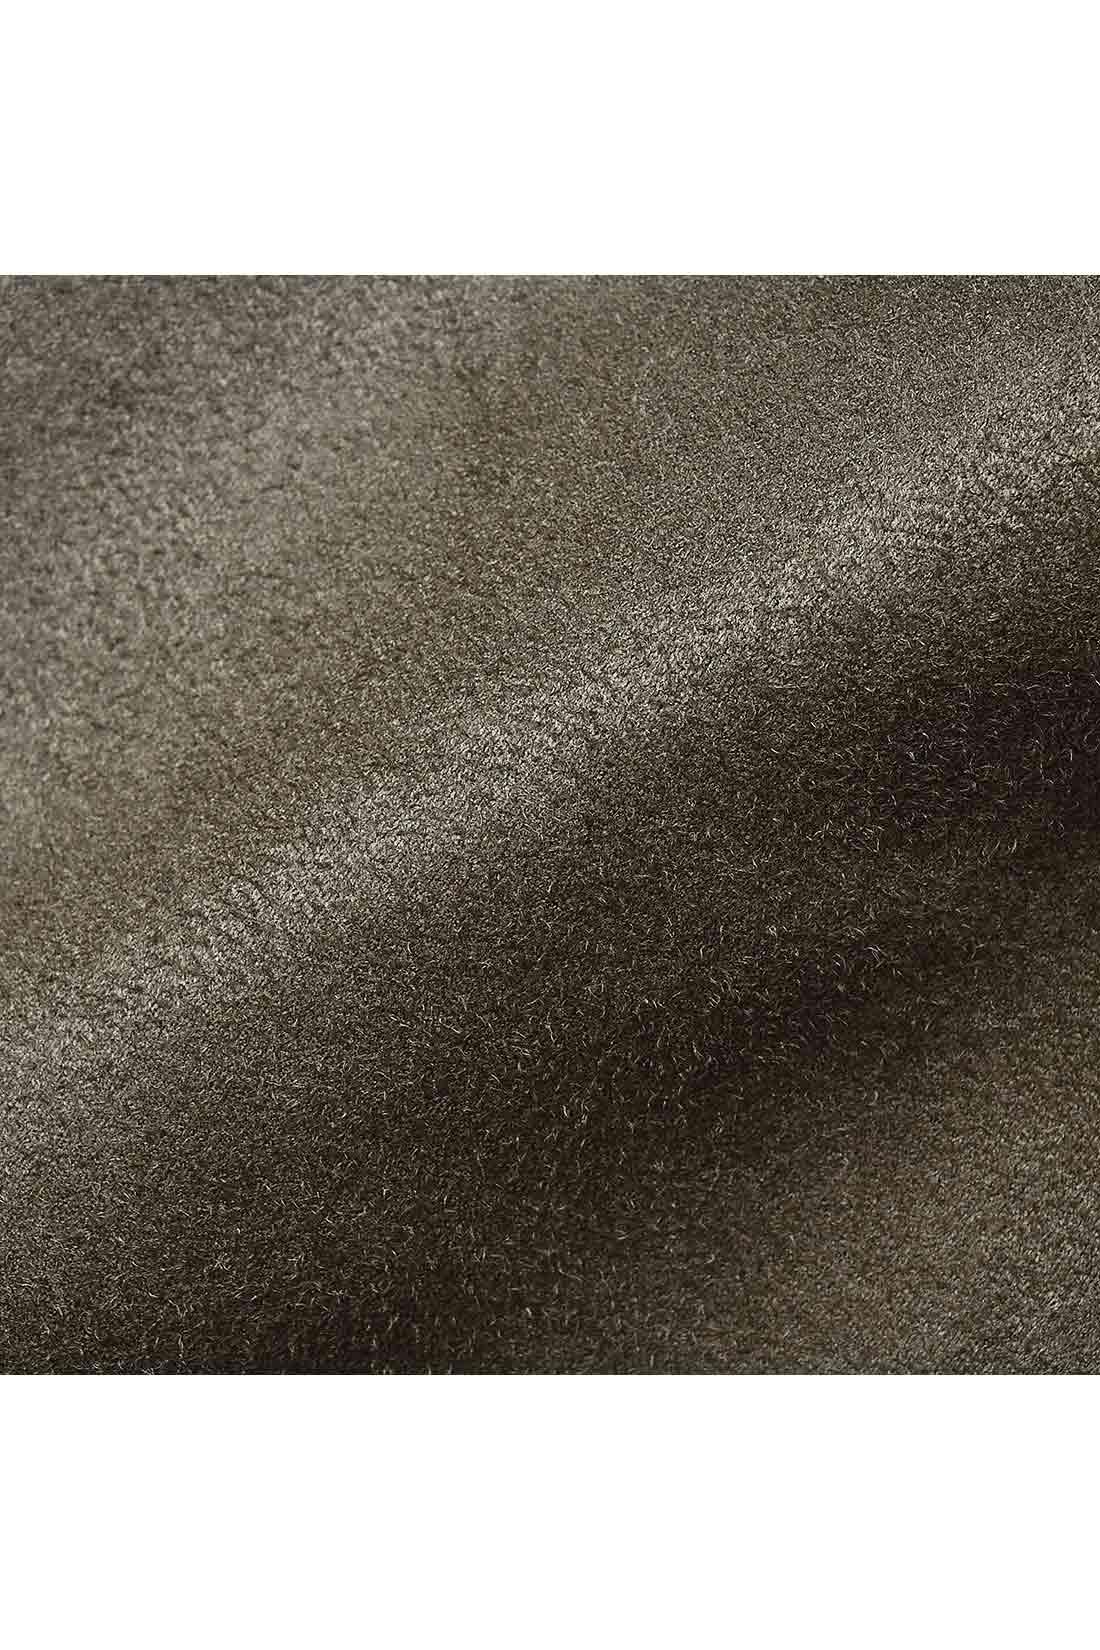 滑らかな光沢感と上質感のあるスエード調素材。